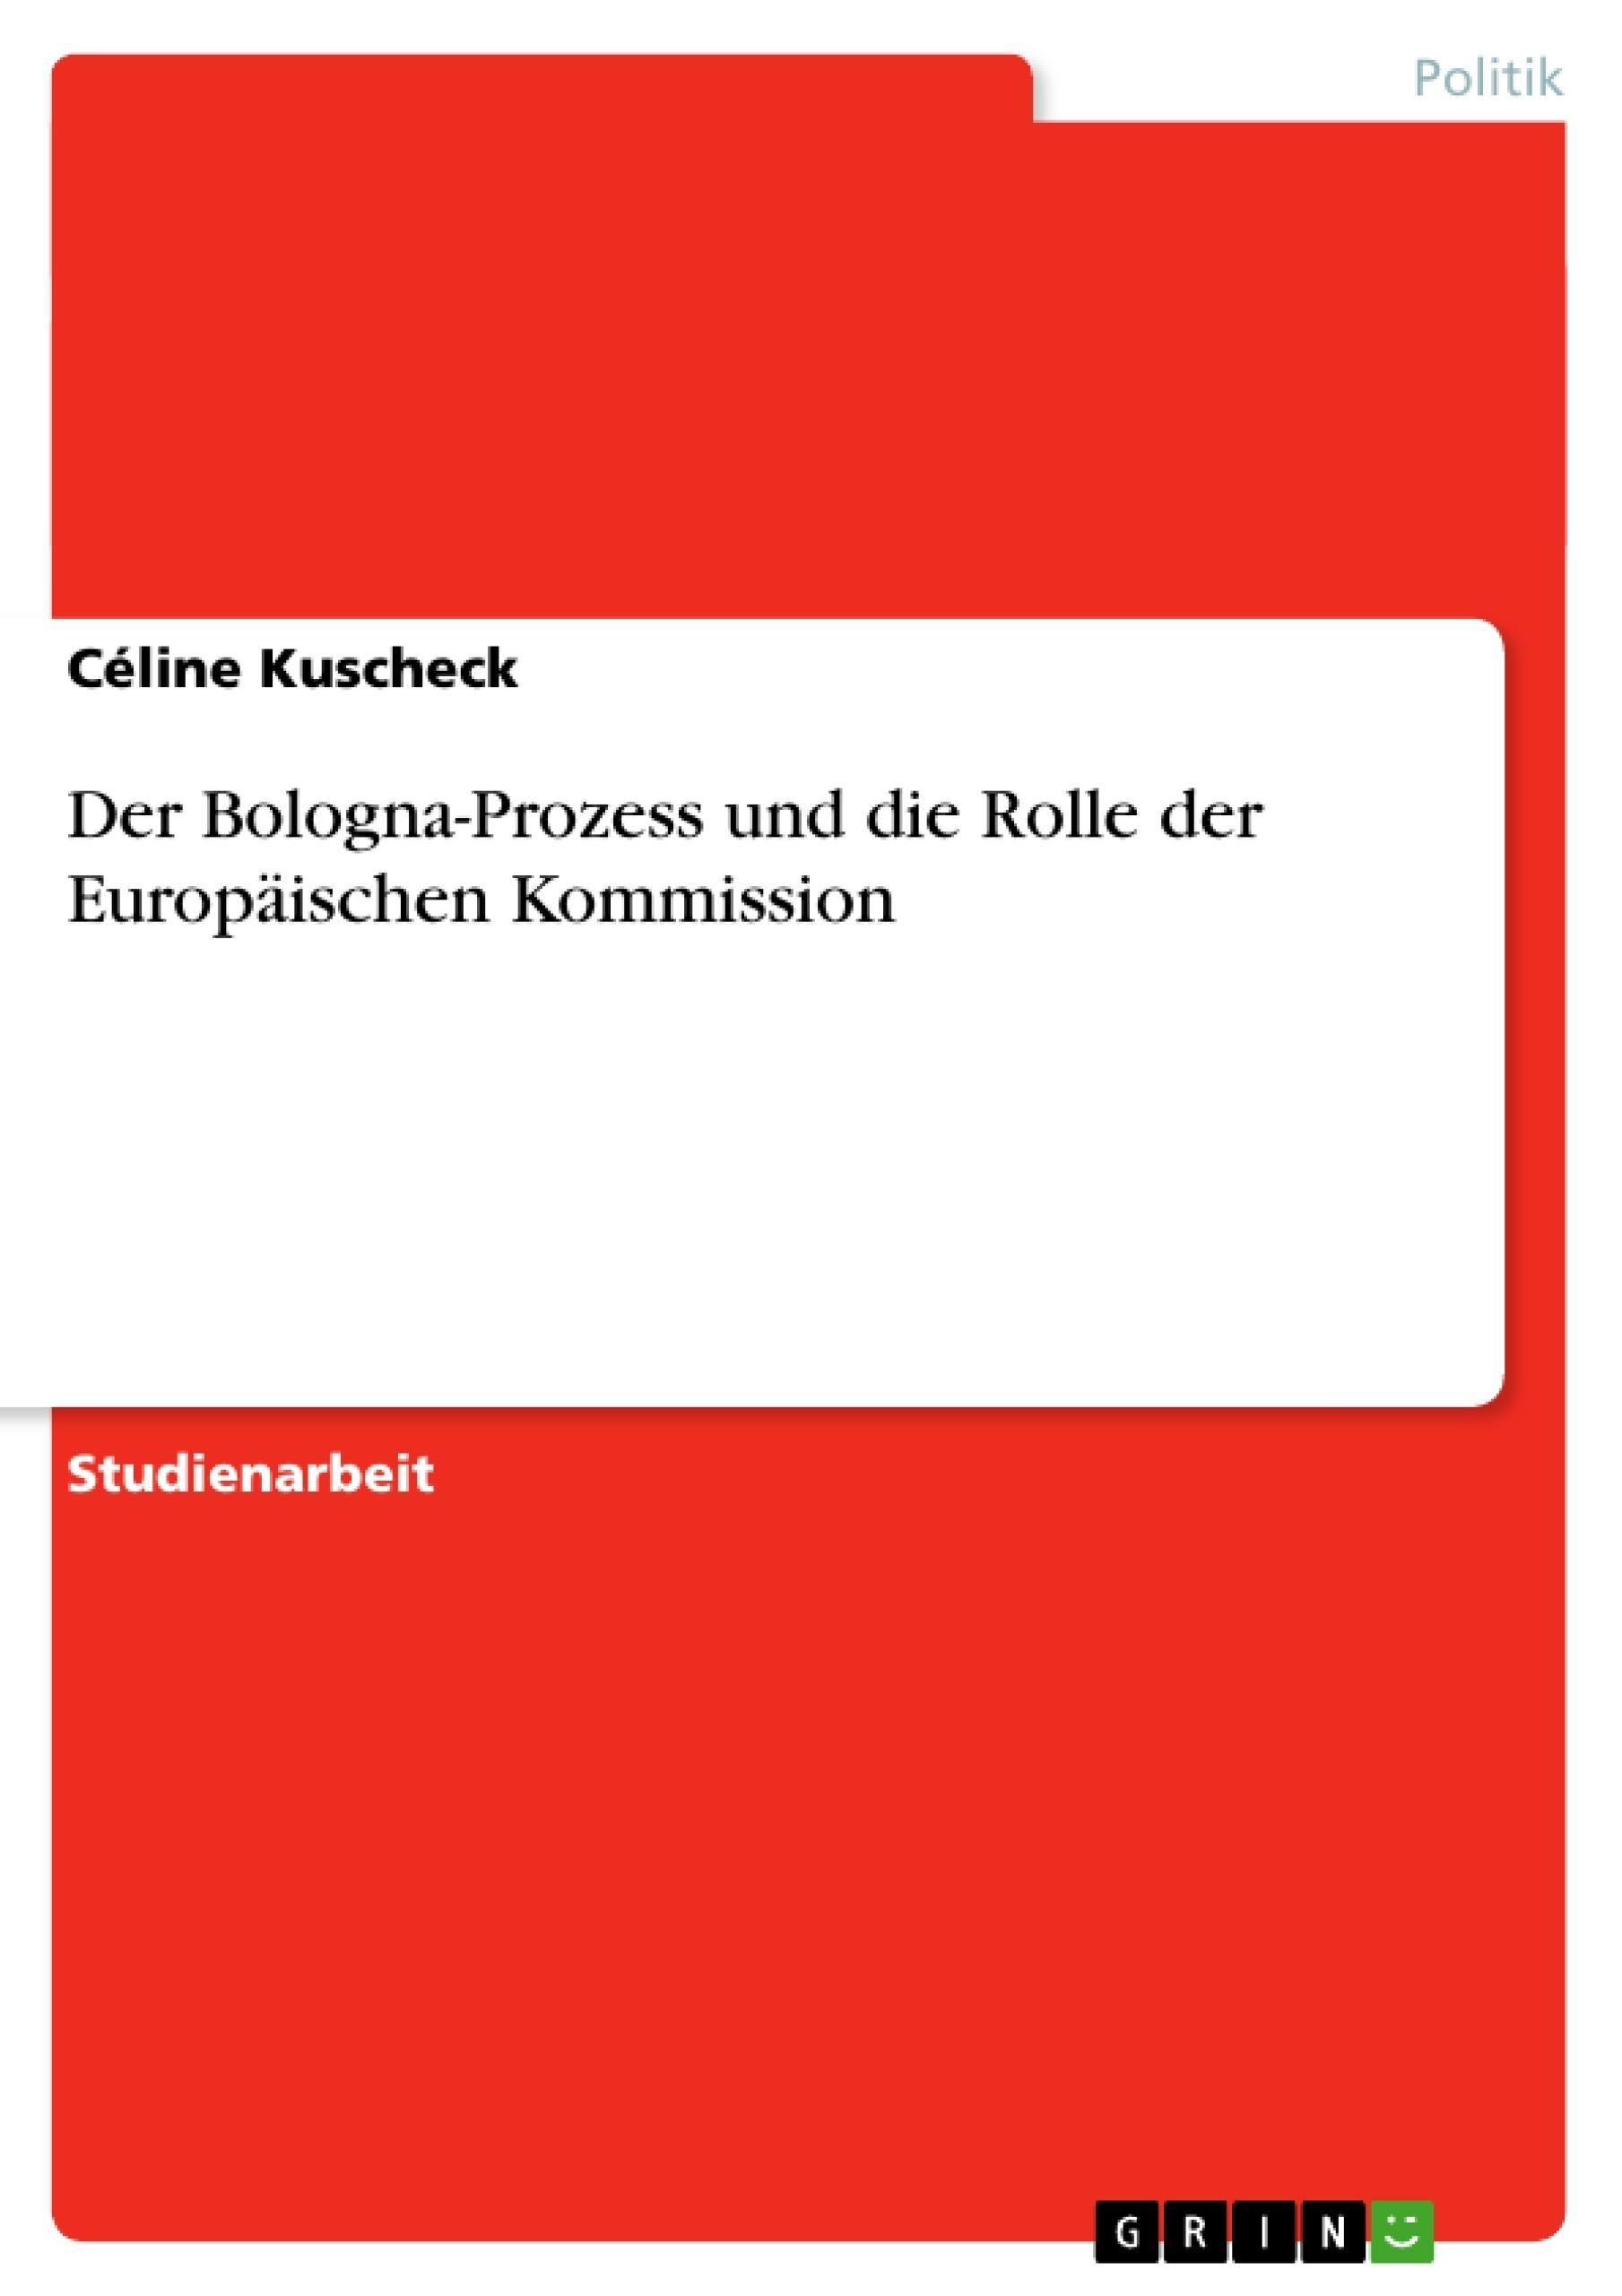 Titel: Der Bologna-Prozess und die Rolle der Europäischen Kommission